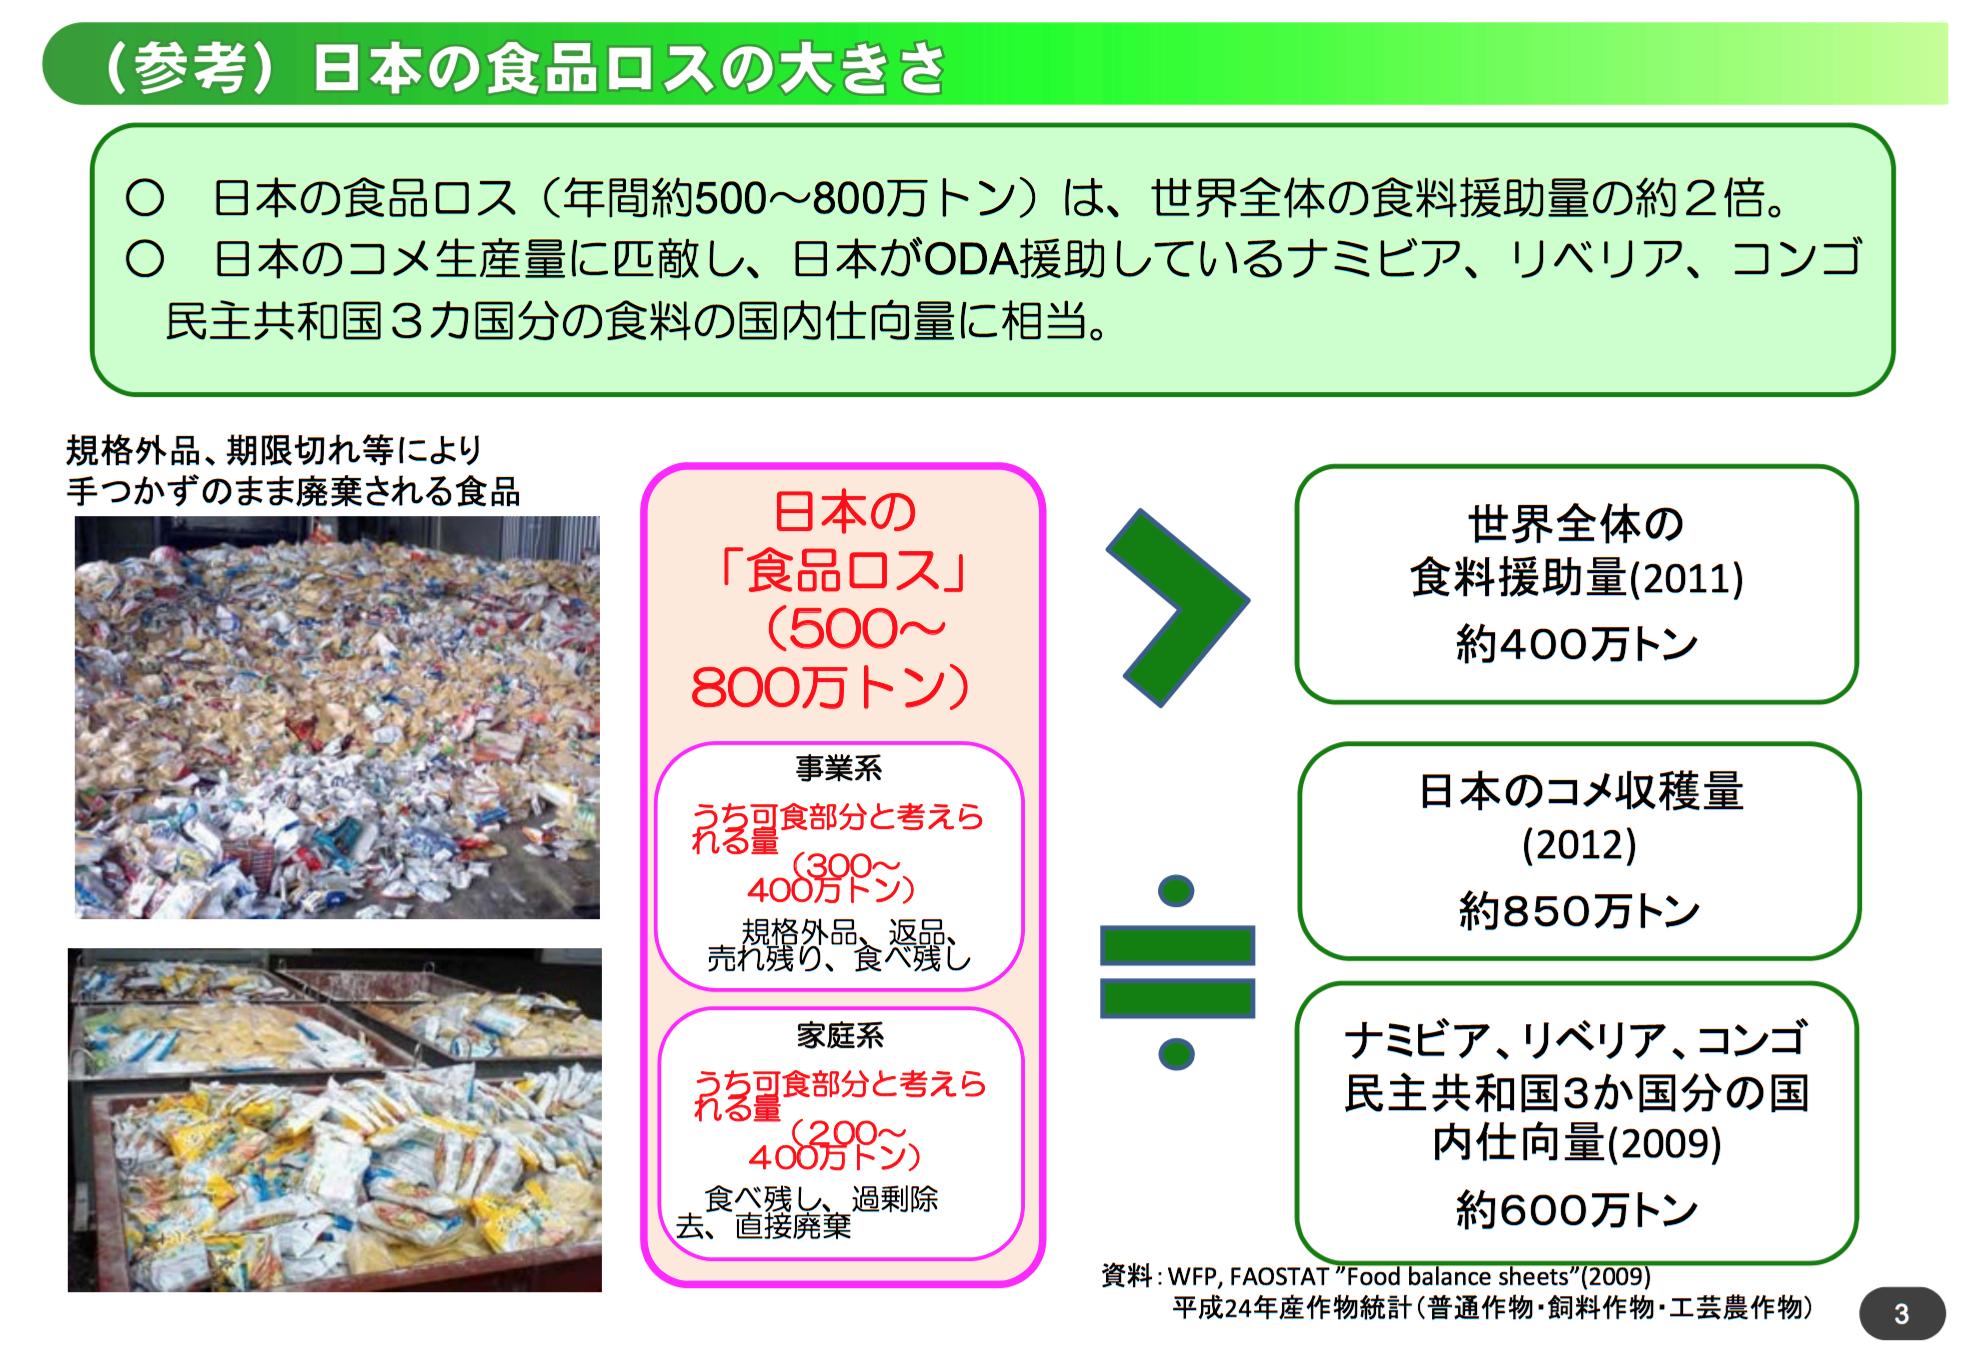 日本の食品ロスの大きさ